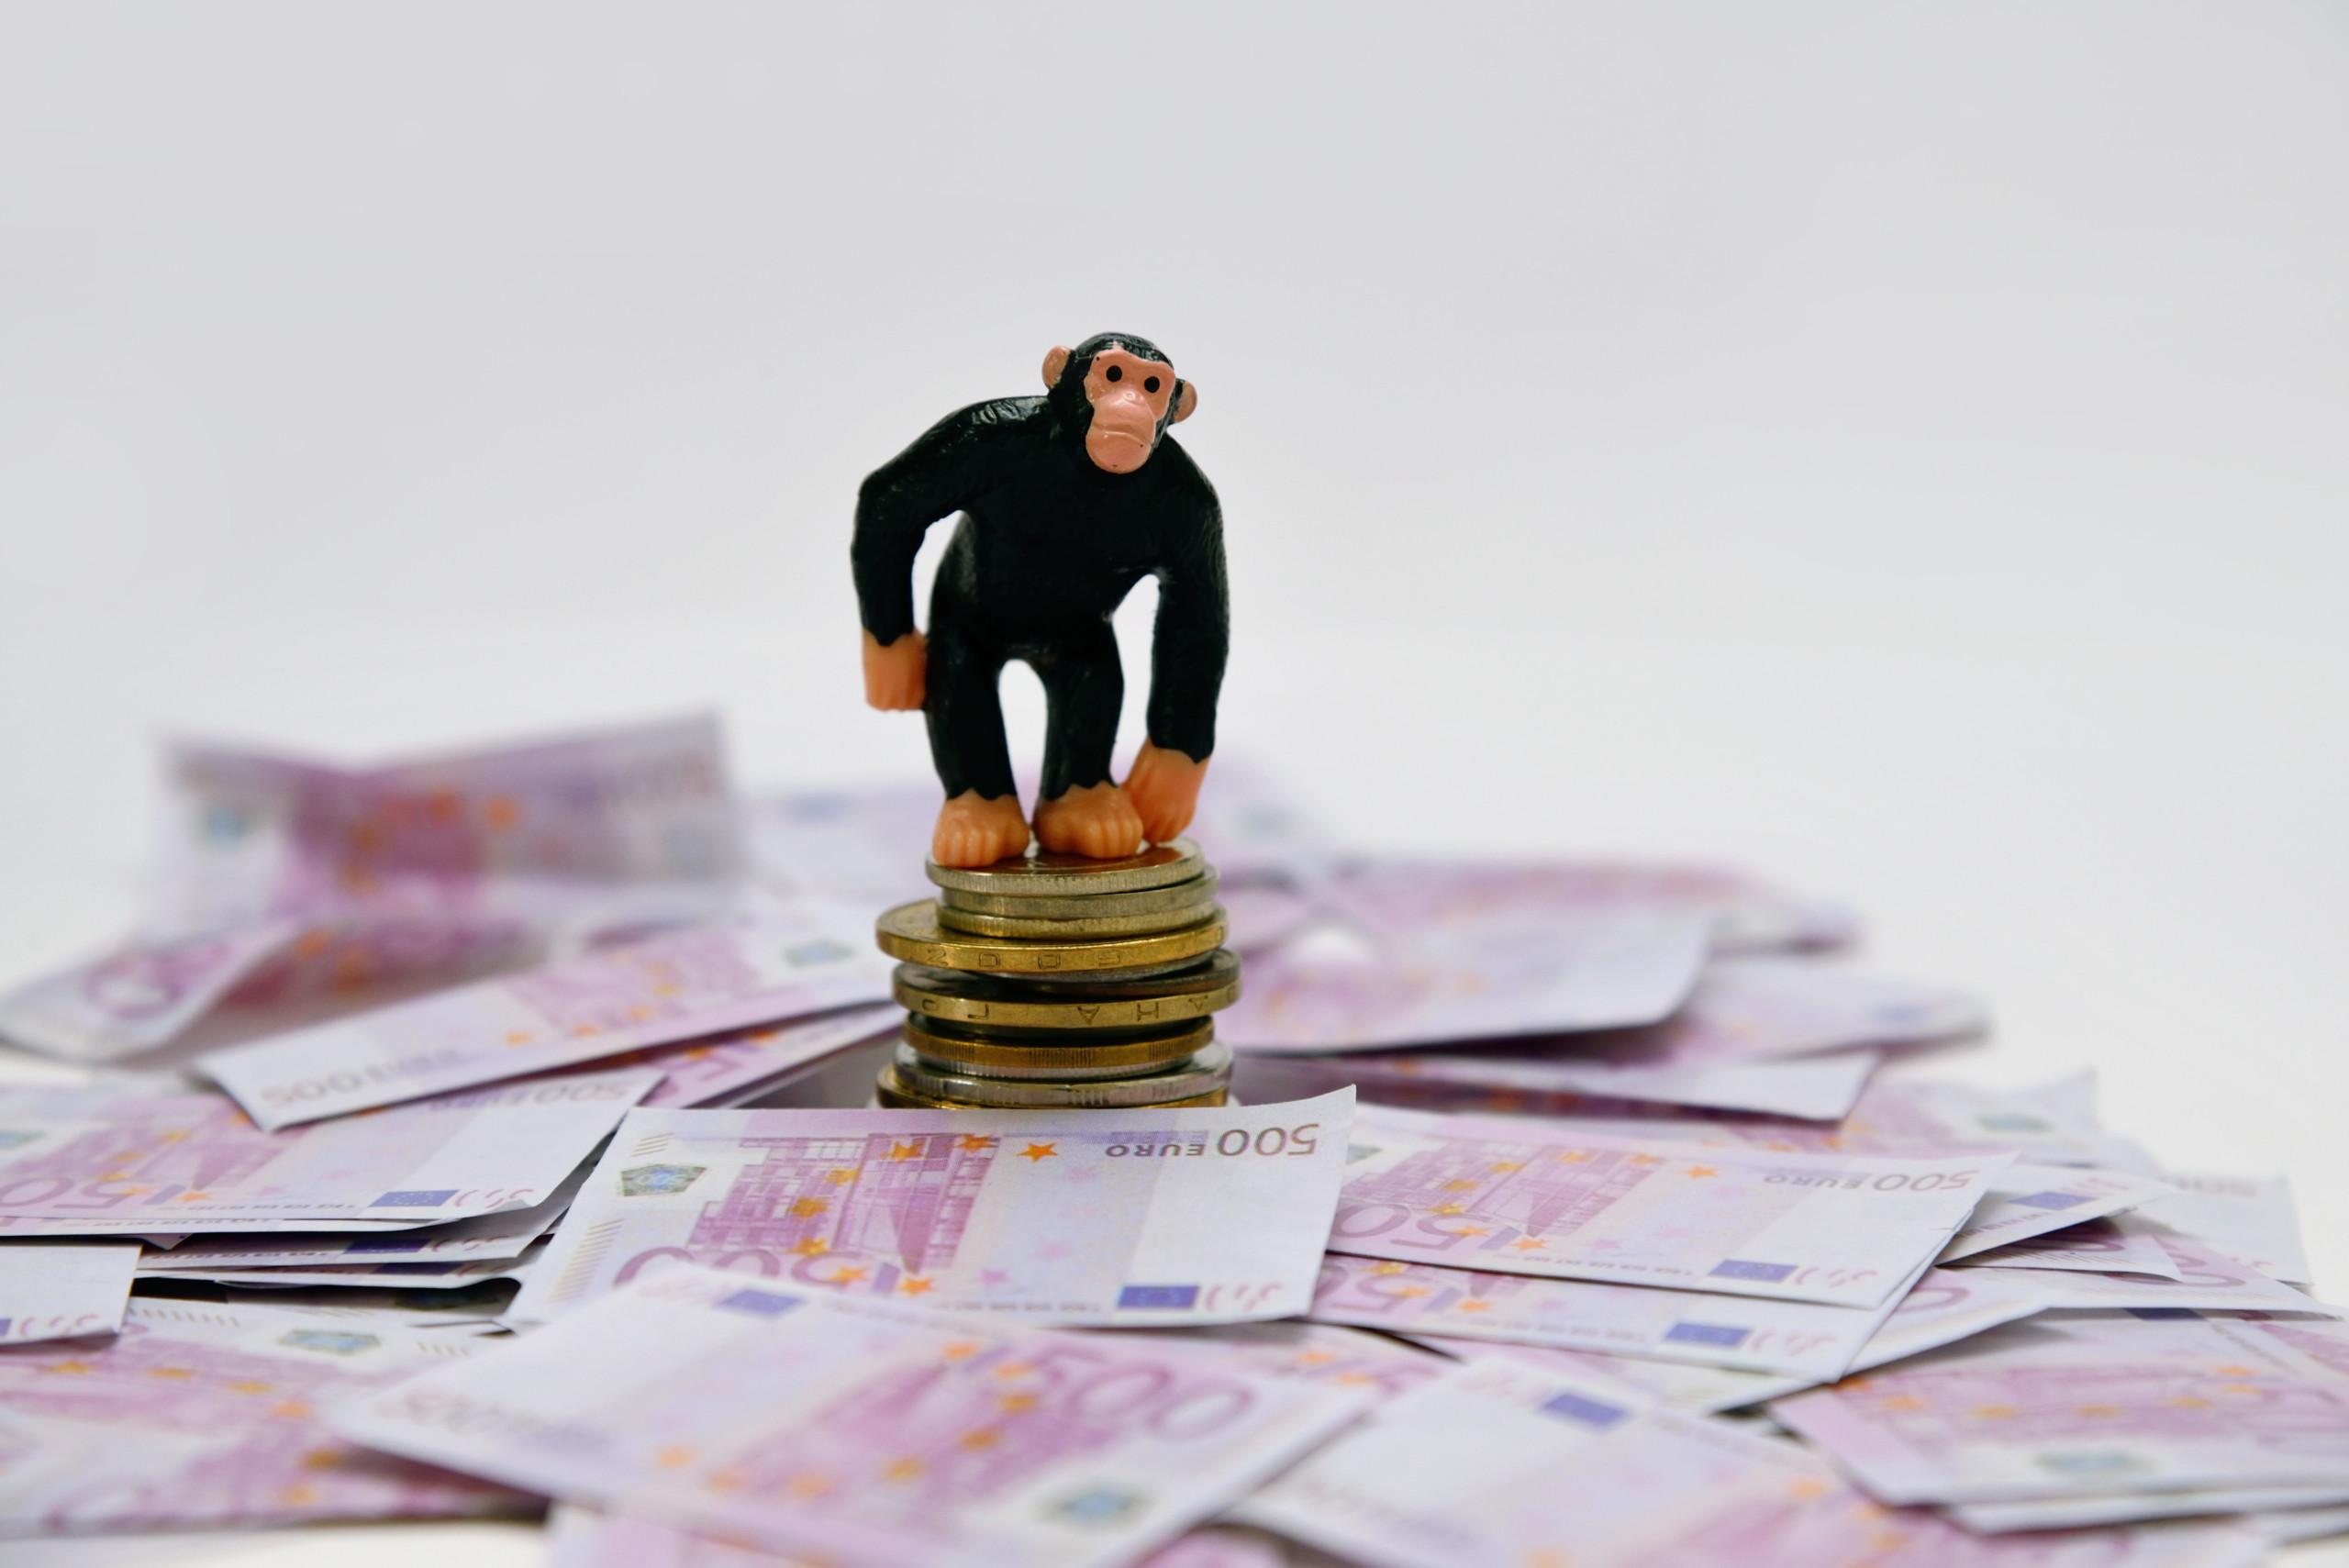 Warum sich Qualitätsaktien (nicht immer) auszahlen, Größe bei Aktien (doch) nicht alles ist und die Zeiten für Affen an den Börsen schlecht sind